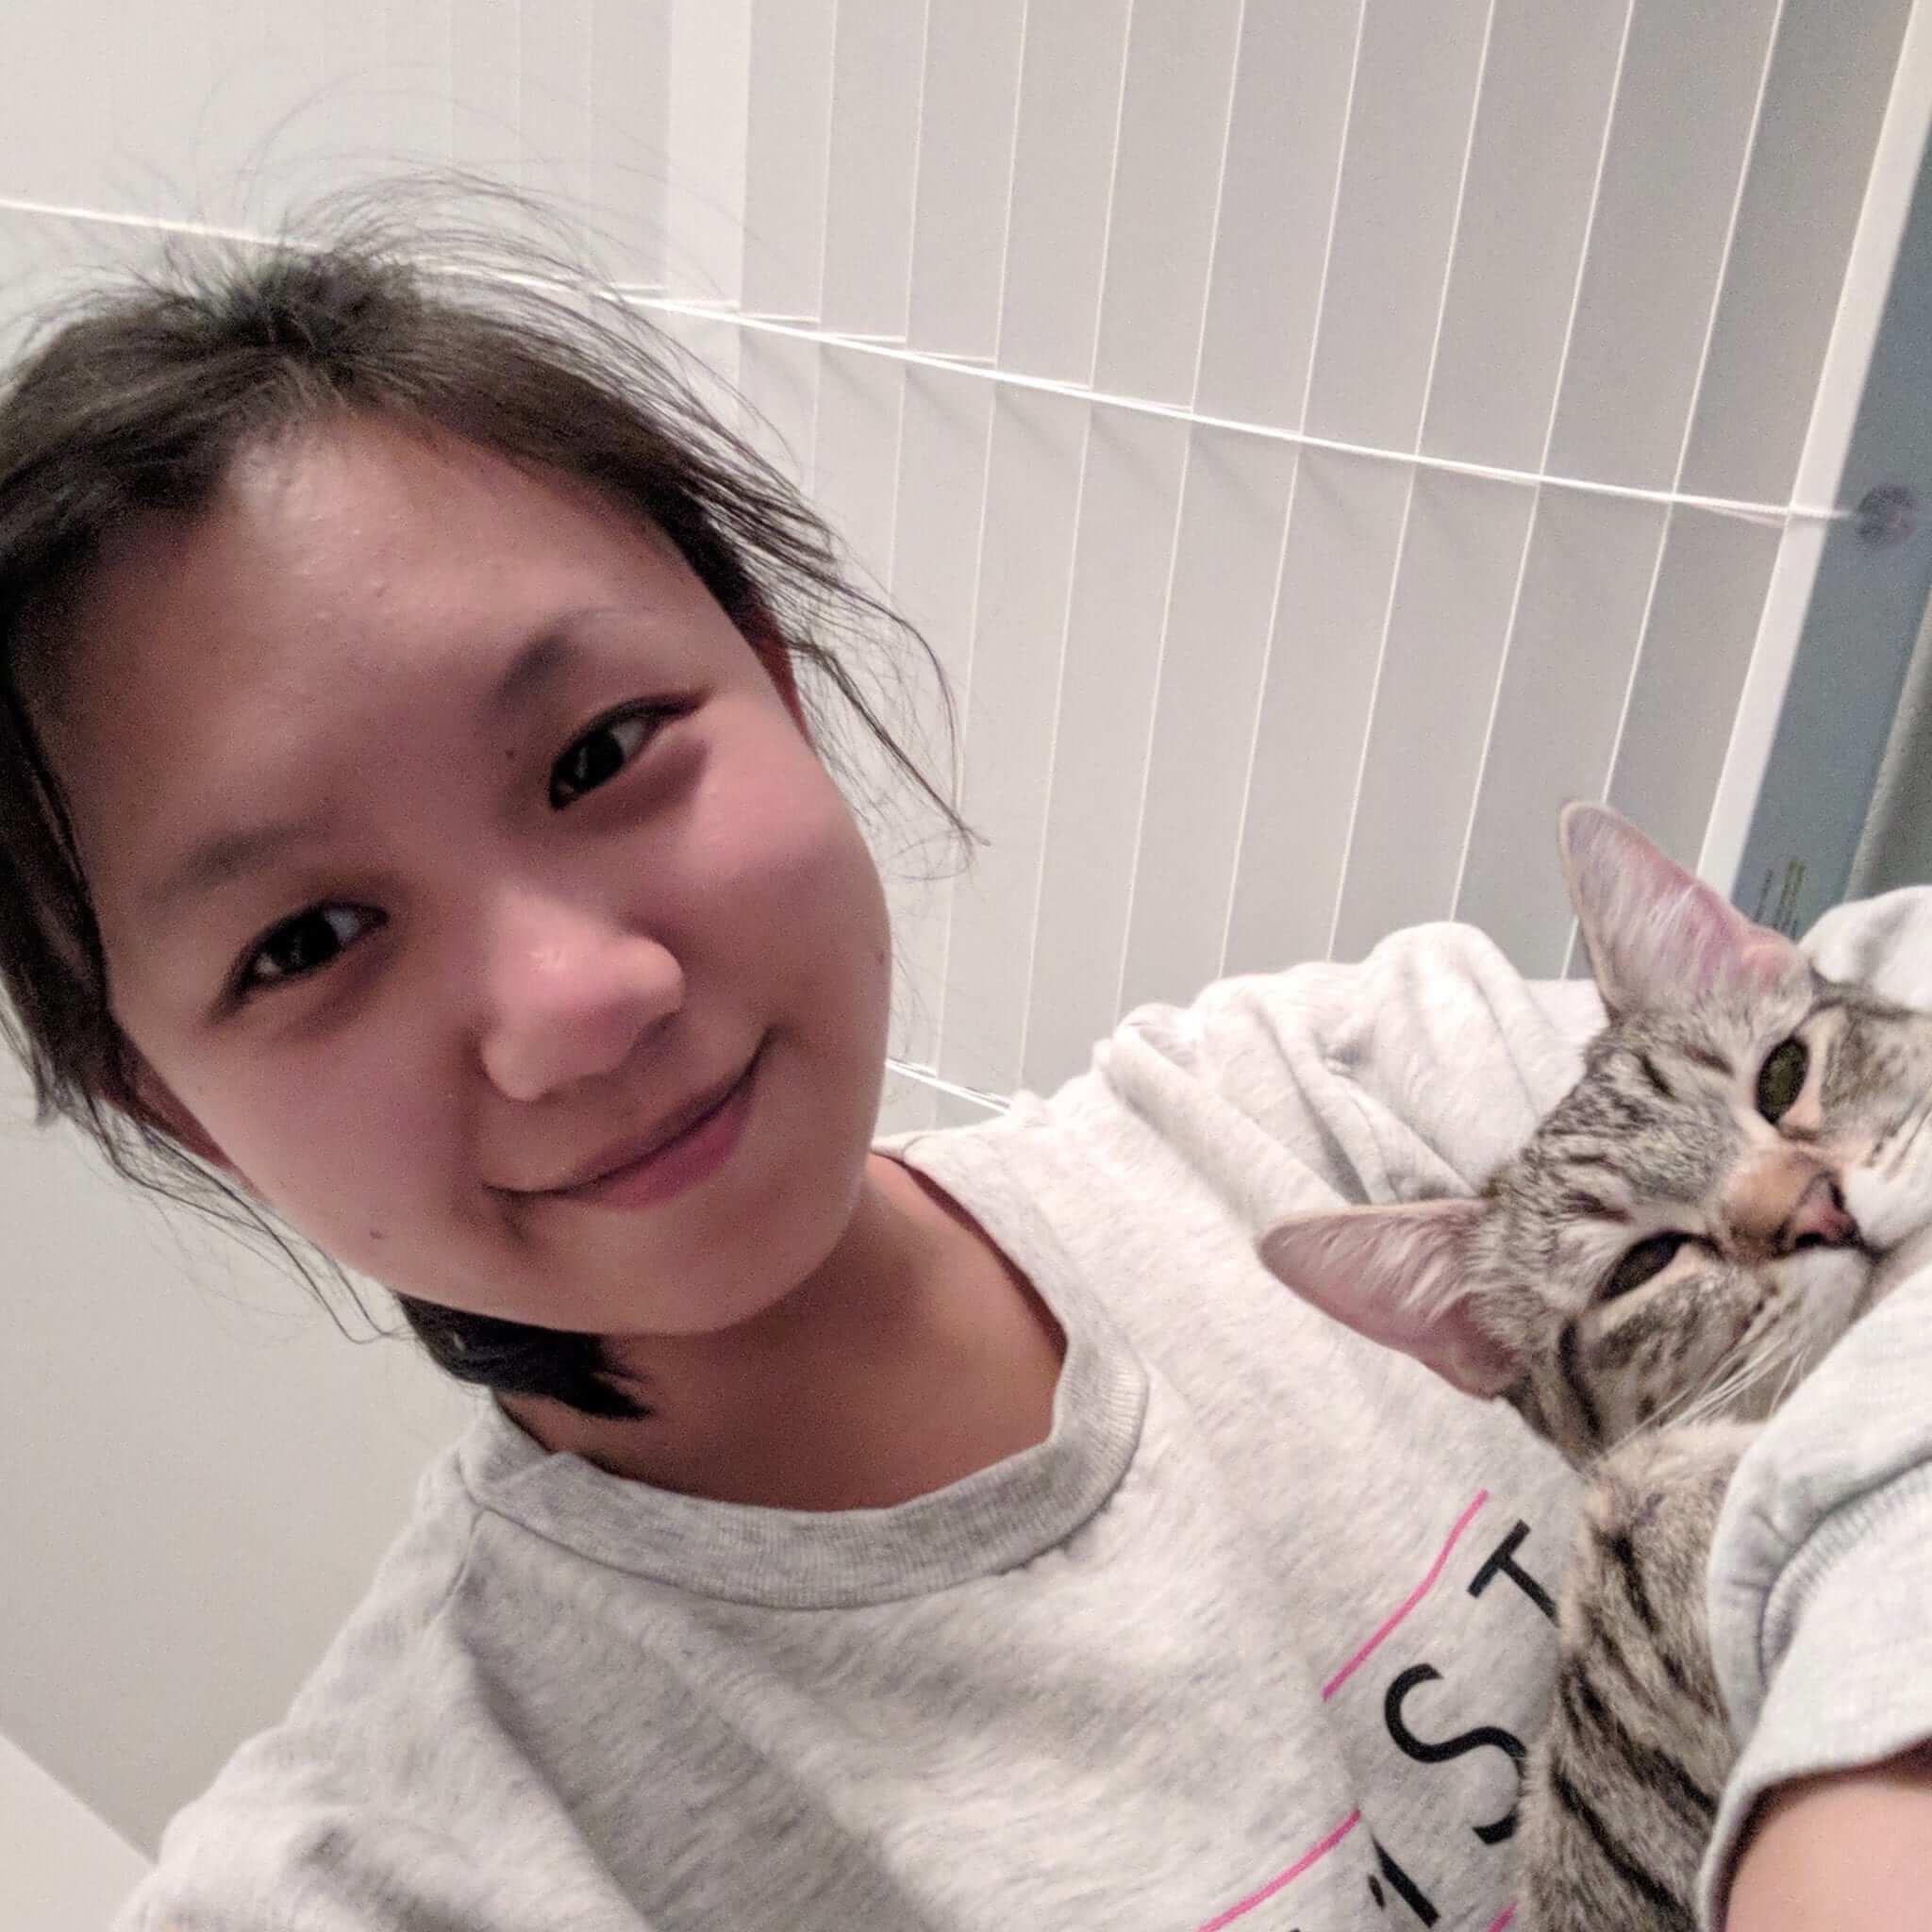 Celena Wu